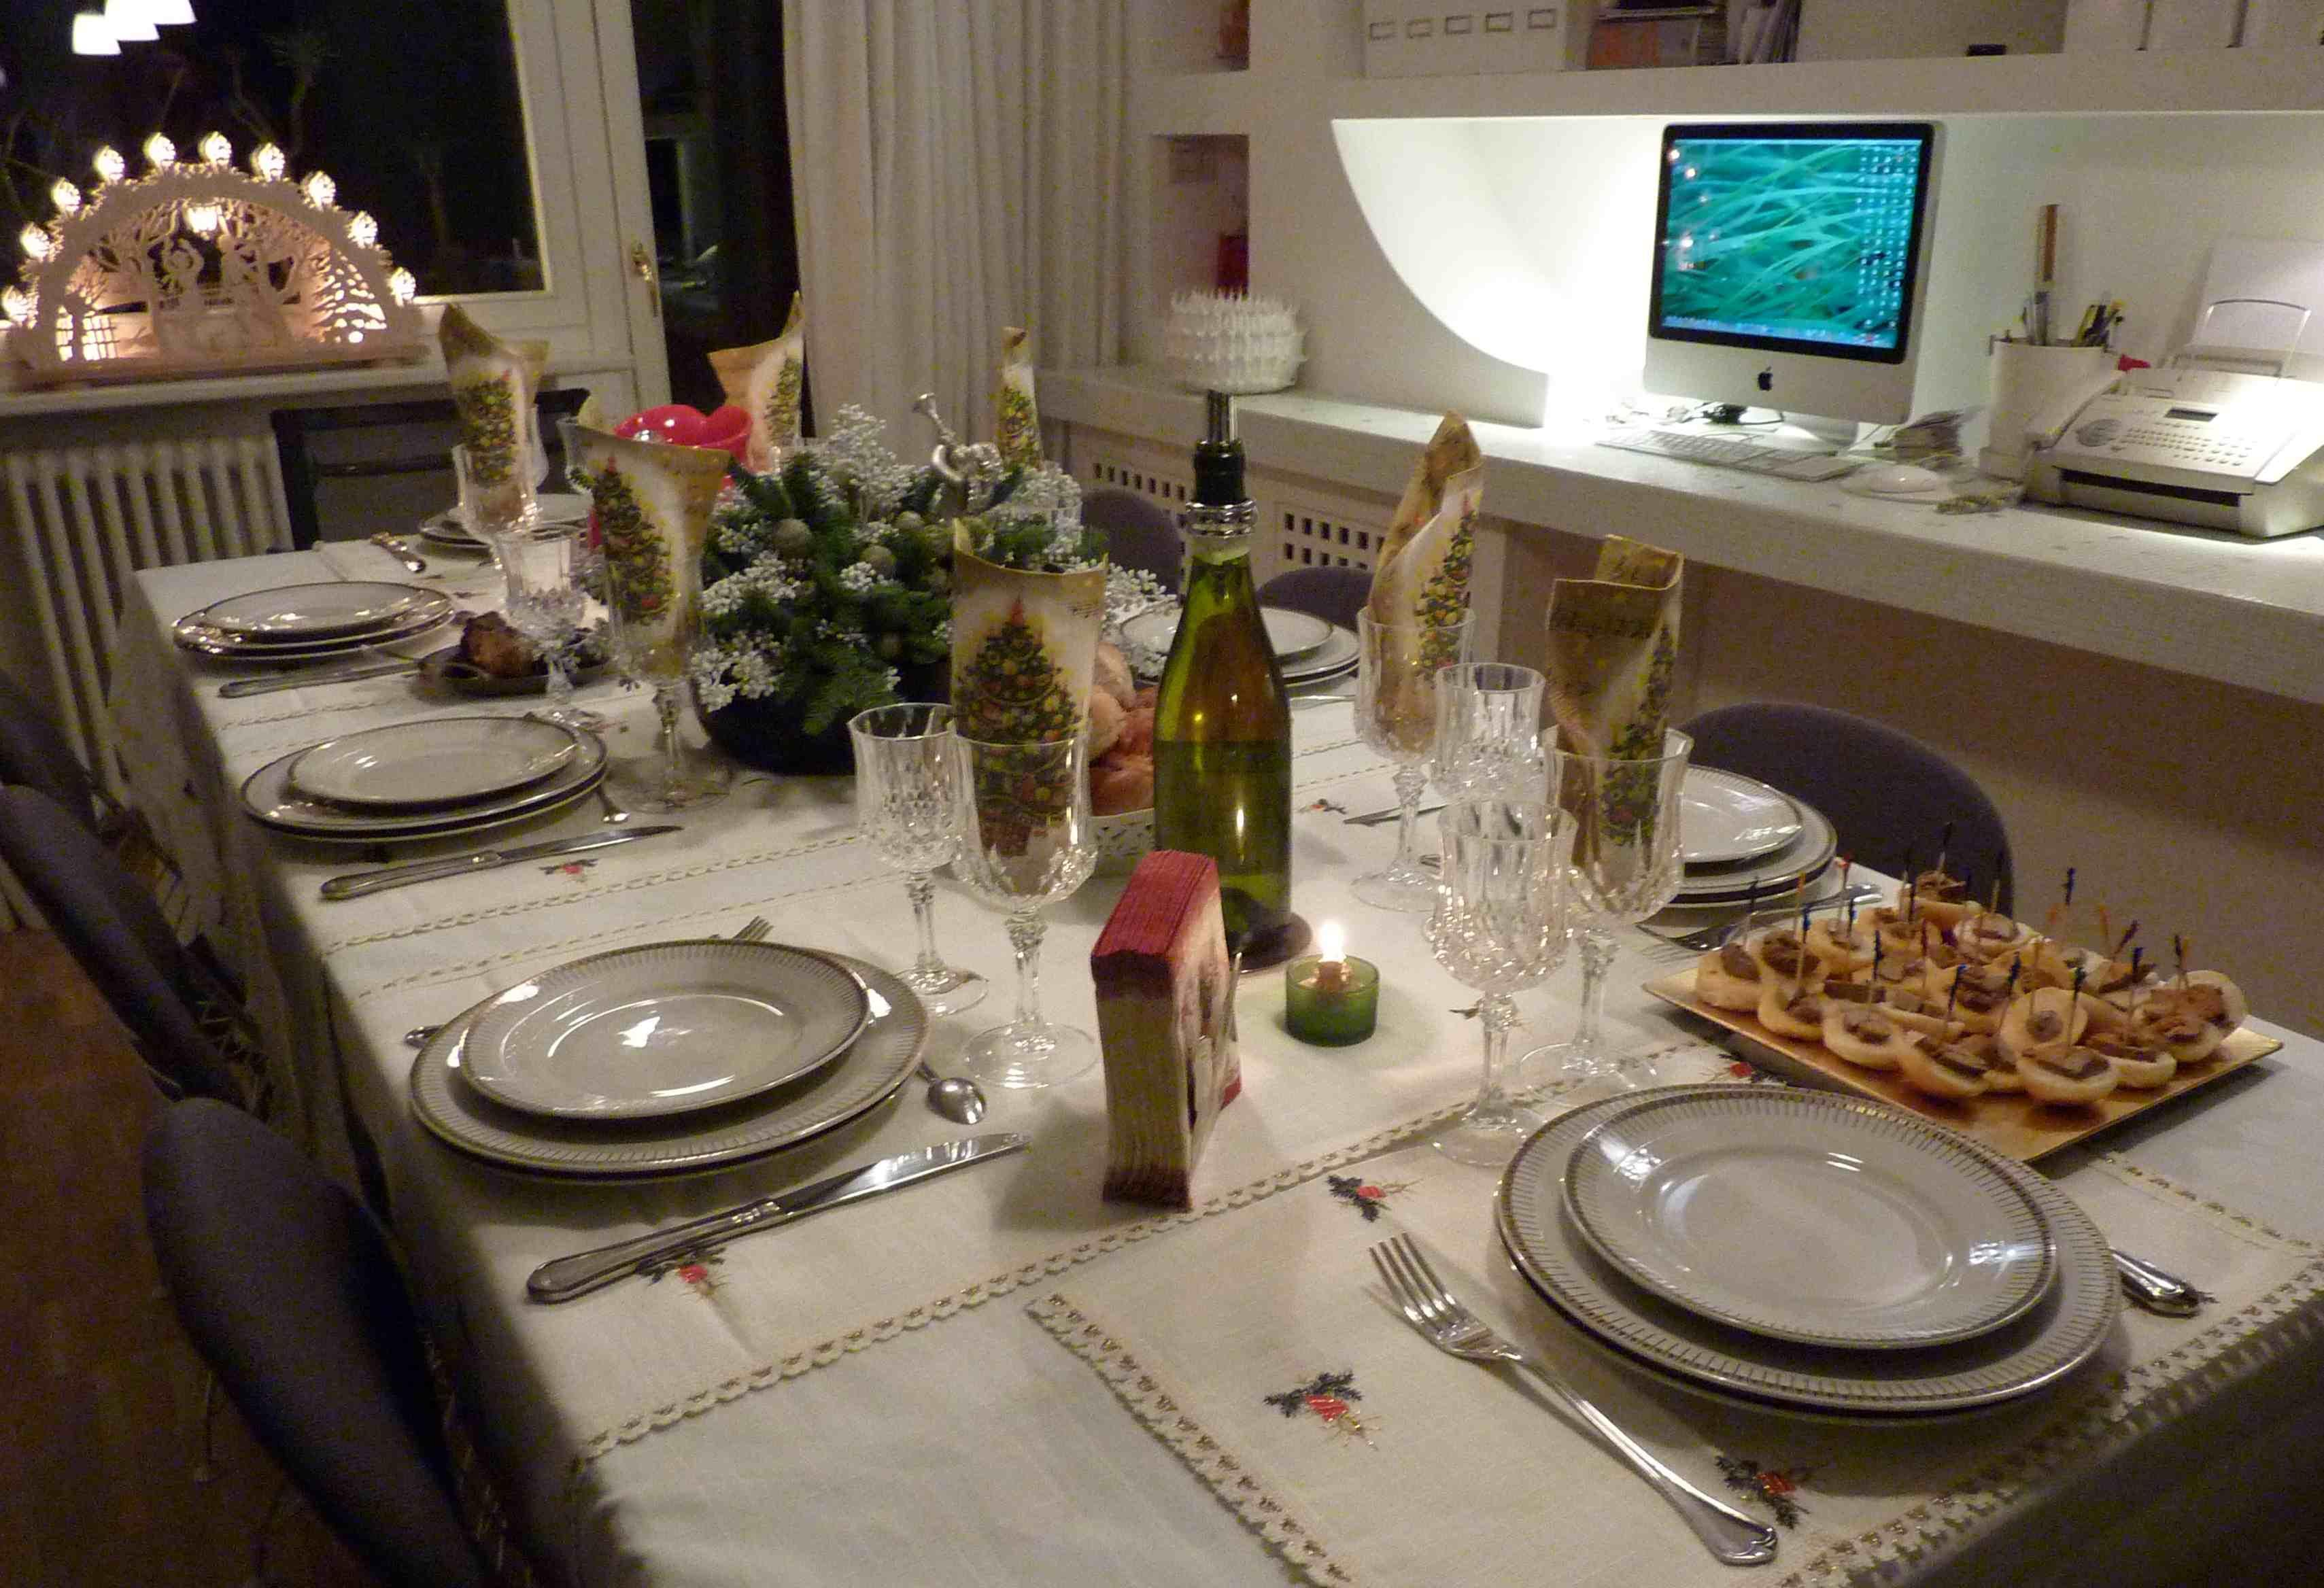 Natale con moreno cedroni arredo e convivio for Tavola di natale